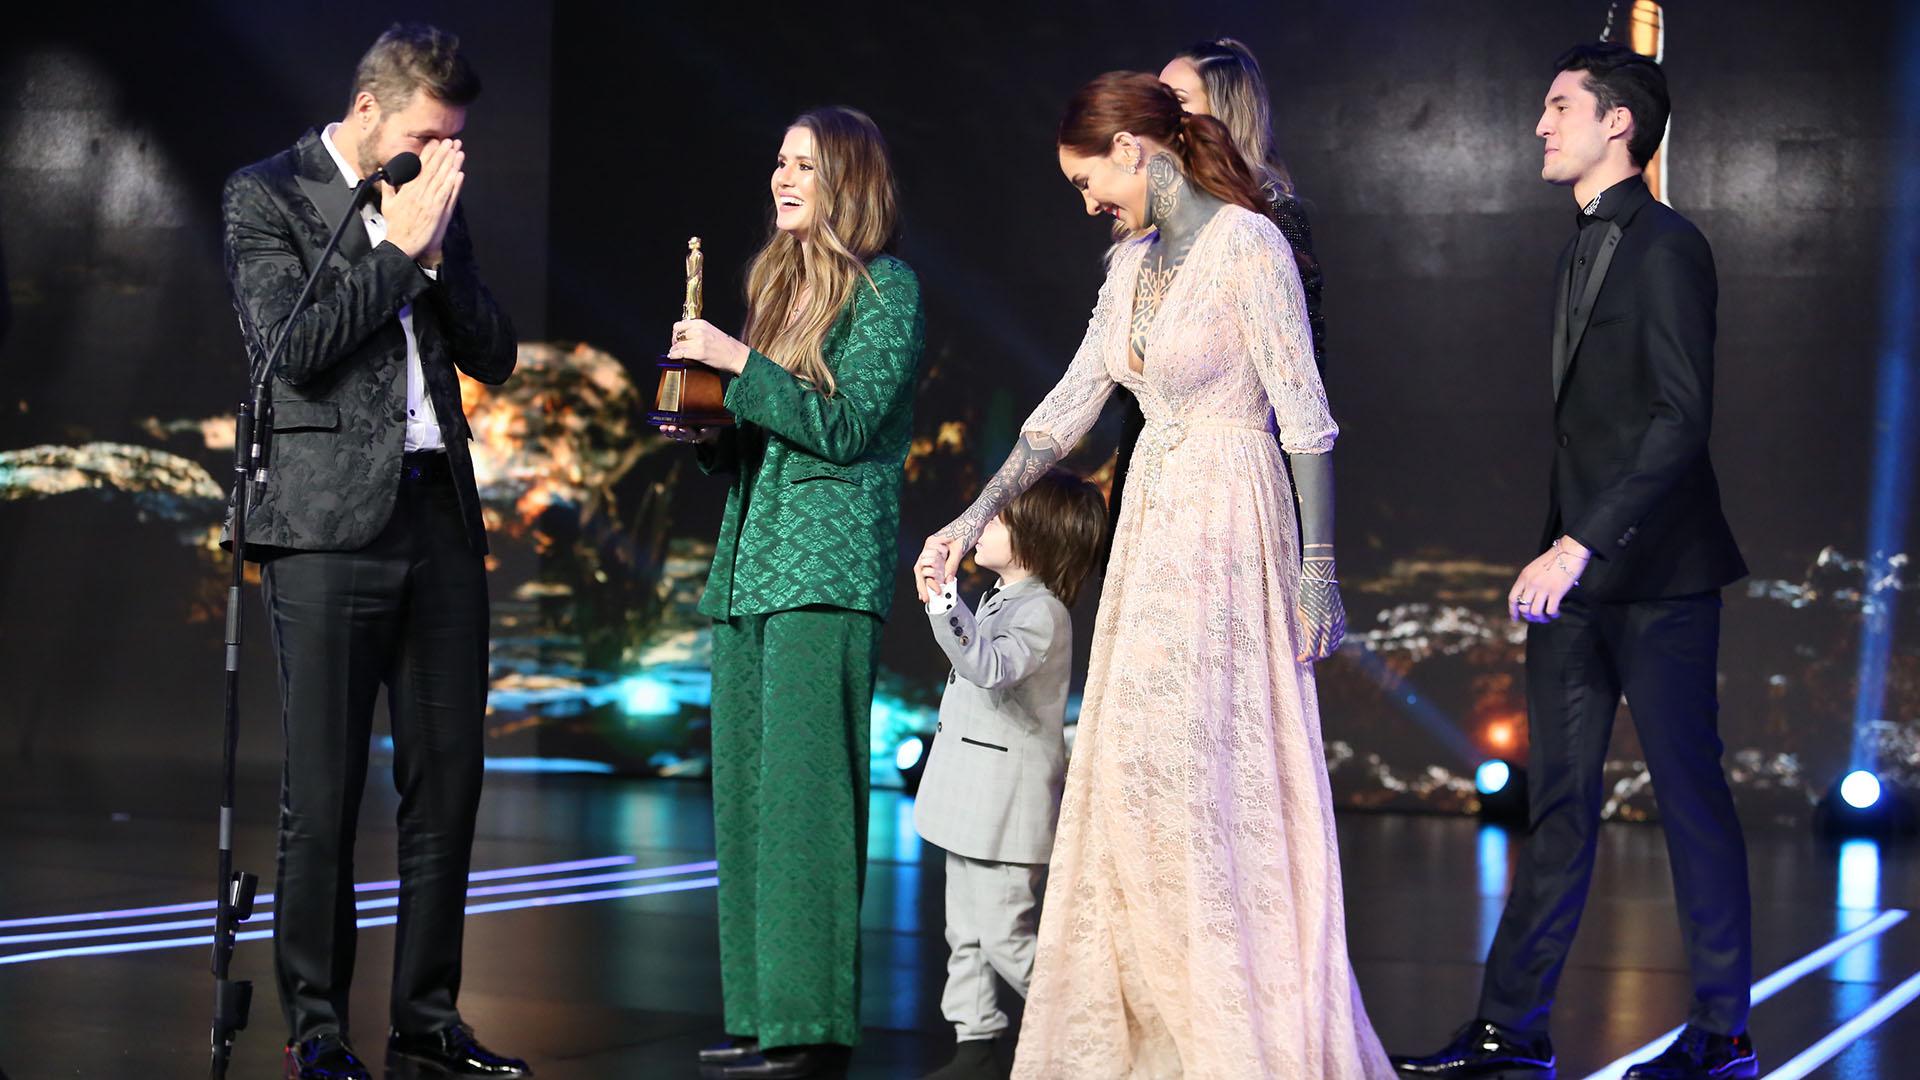 Las lágrimas del conductor cuando sus cinco hijos subieron al escenario a entregarle el premio por los 30′ años de ShowMatch/VideoMatch